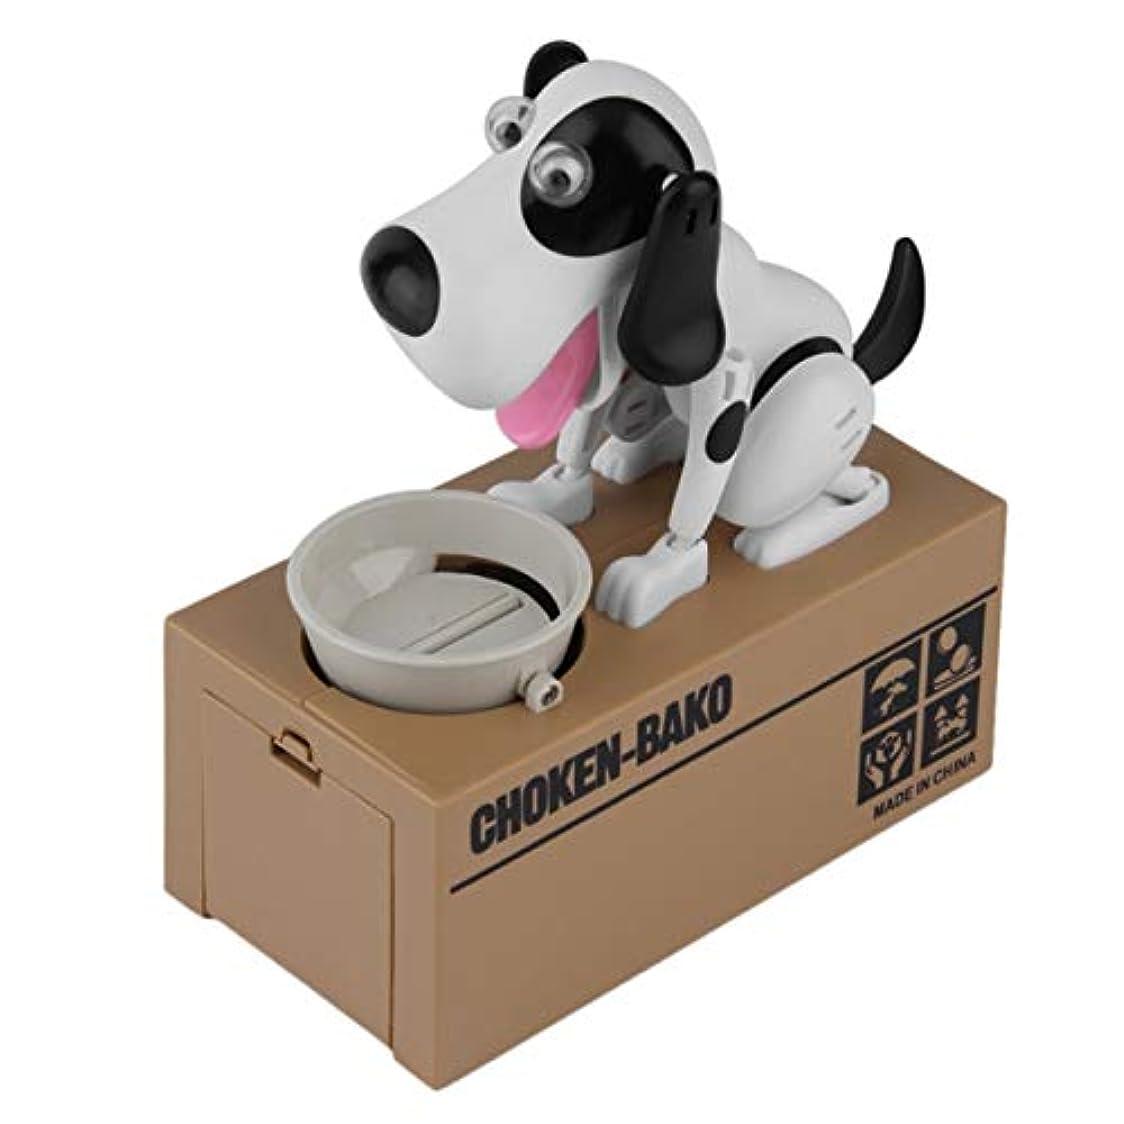 明るい最少メーターSaikogoods 耐久性に優れたロボット犬貯金箱自動コインマネーバンクかわいい犬モデルマネーバンクマネーセービングボックスコインボックスを盗みました 黒+白